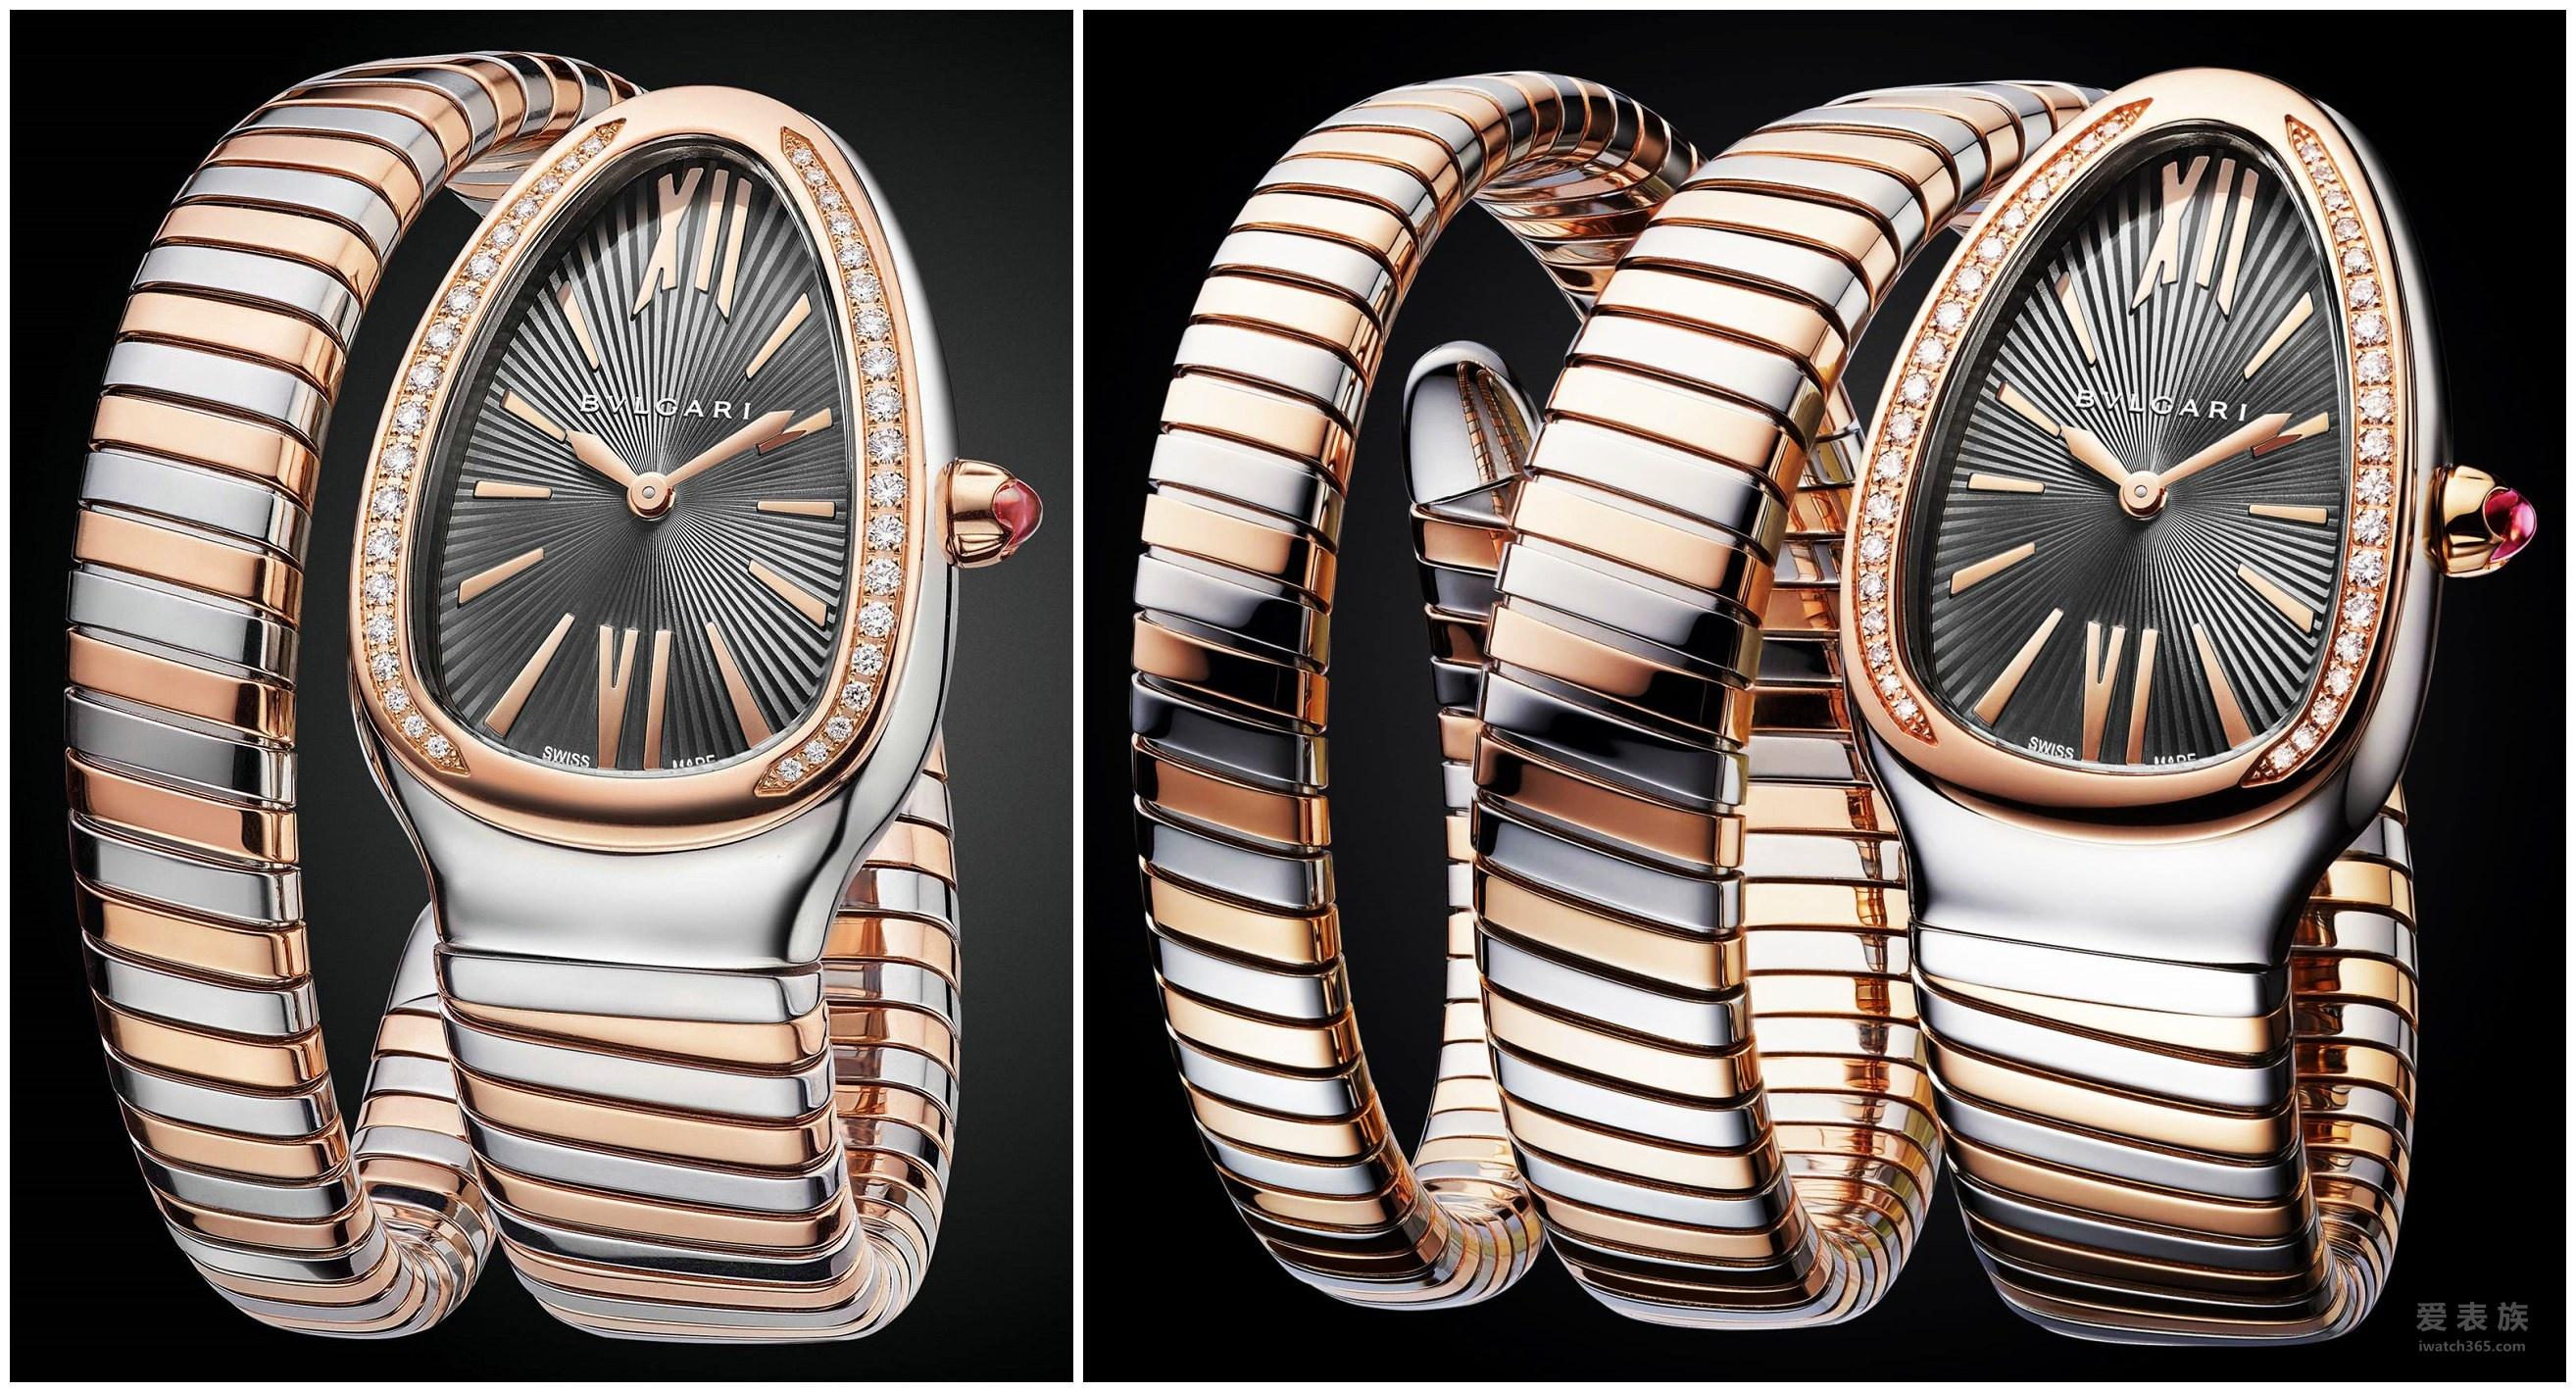 宝格丽Serpenti系列新款腕表:耀目传奇 无限新生